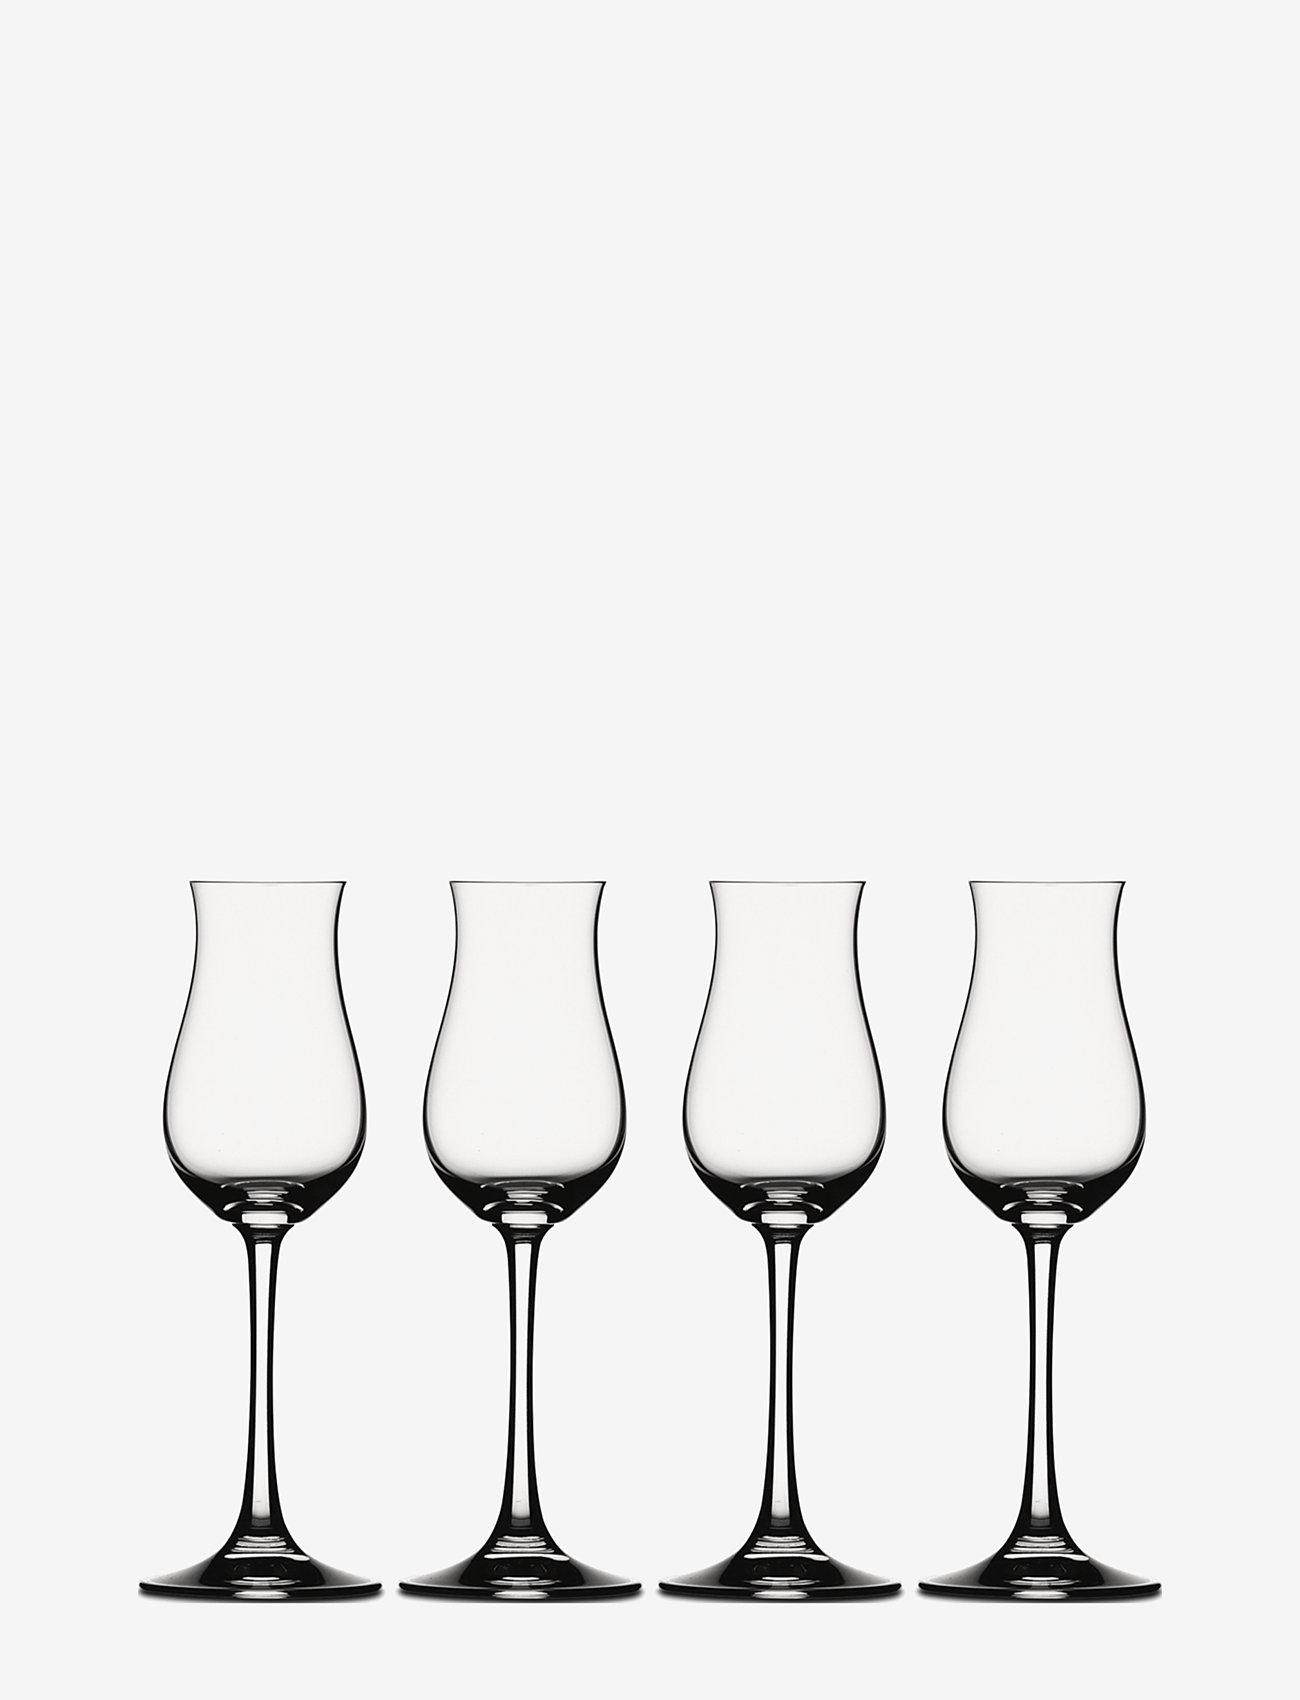 Spiegelau - Digestive 13,5 cl 4-pack - whiskyglass & cognacglass - clear glass - 0